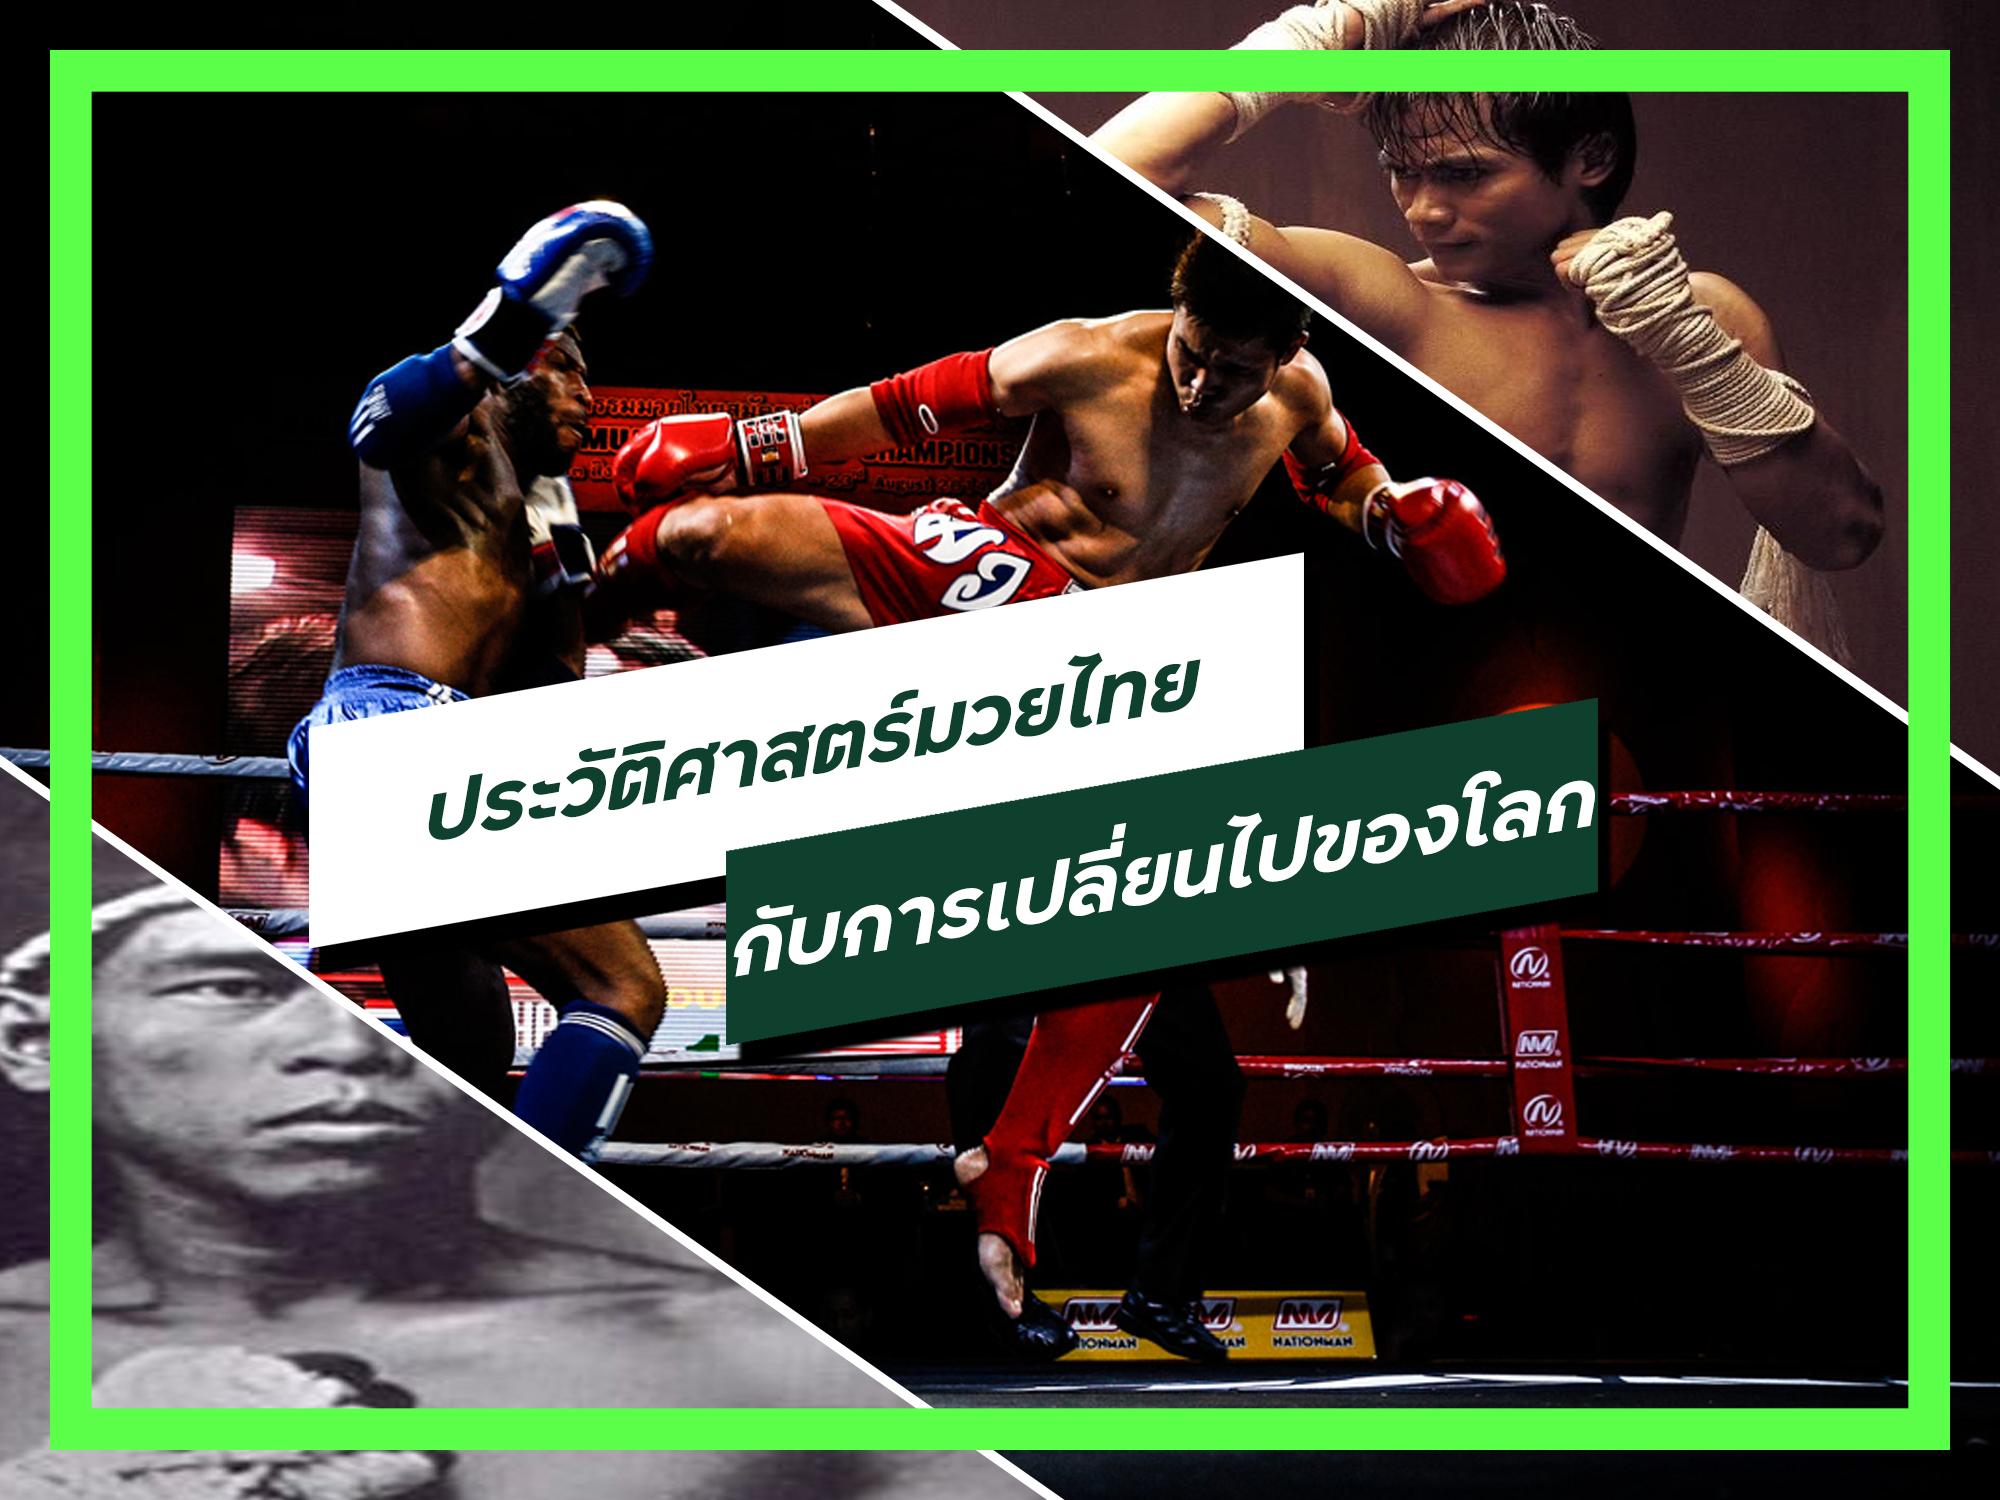 ประวัติศาสตร์มวยไทย กับการเปลี่ยนไปของโลก